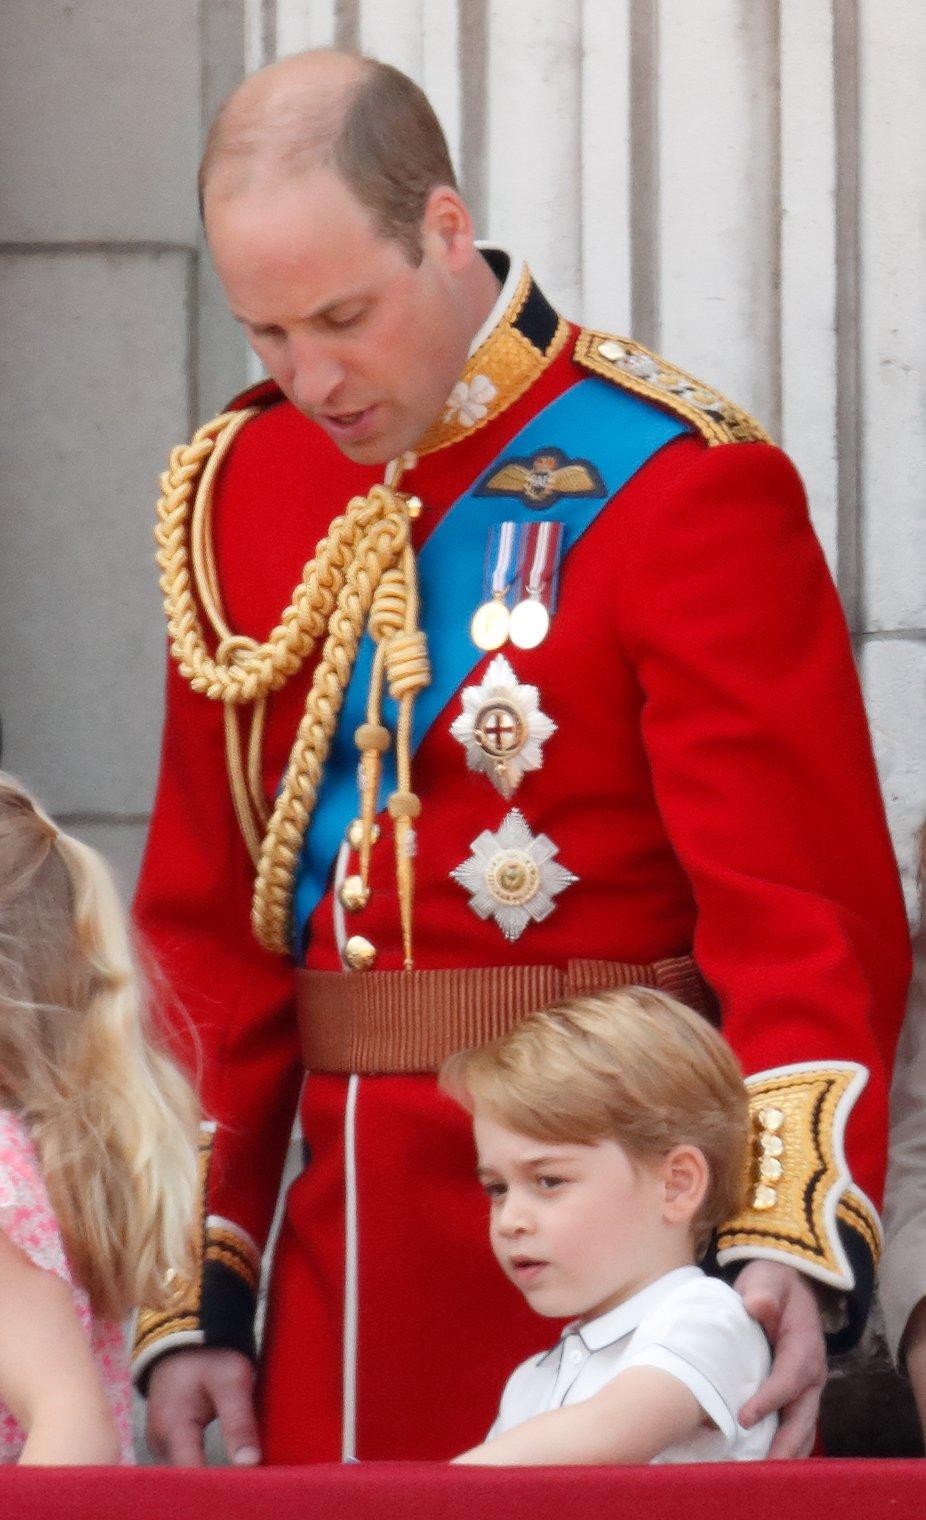 Prince William et Prince George de Cambridge à la Trooping The Color 2018 | Photo : Getty Images